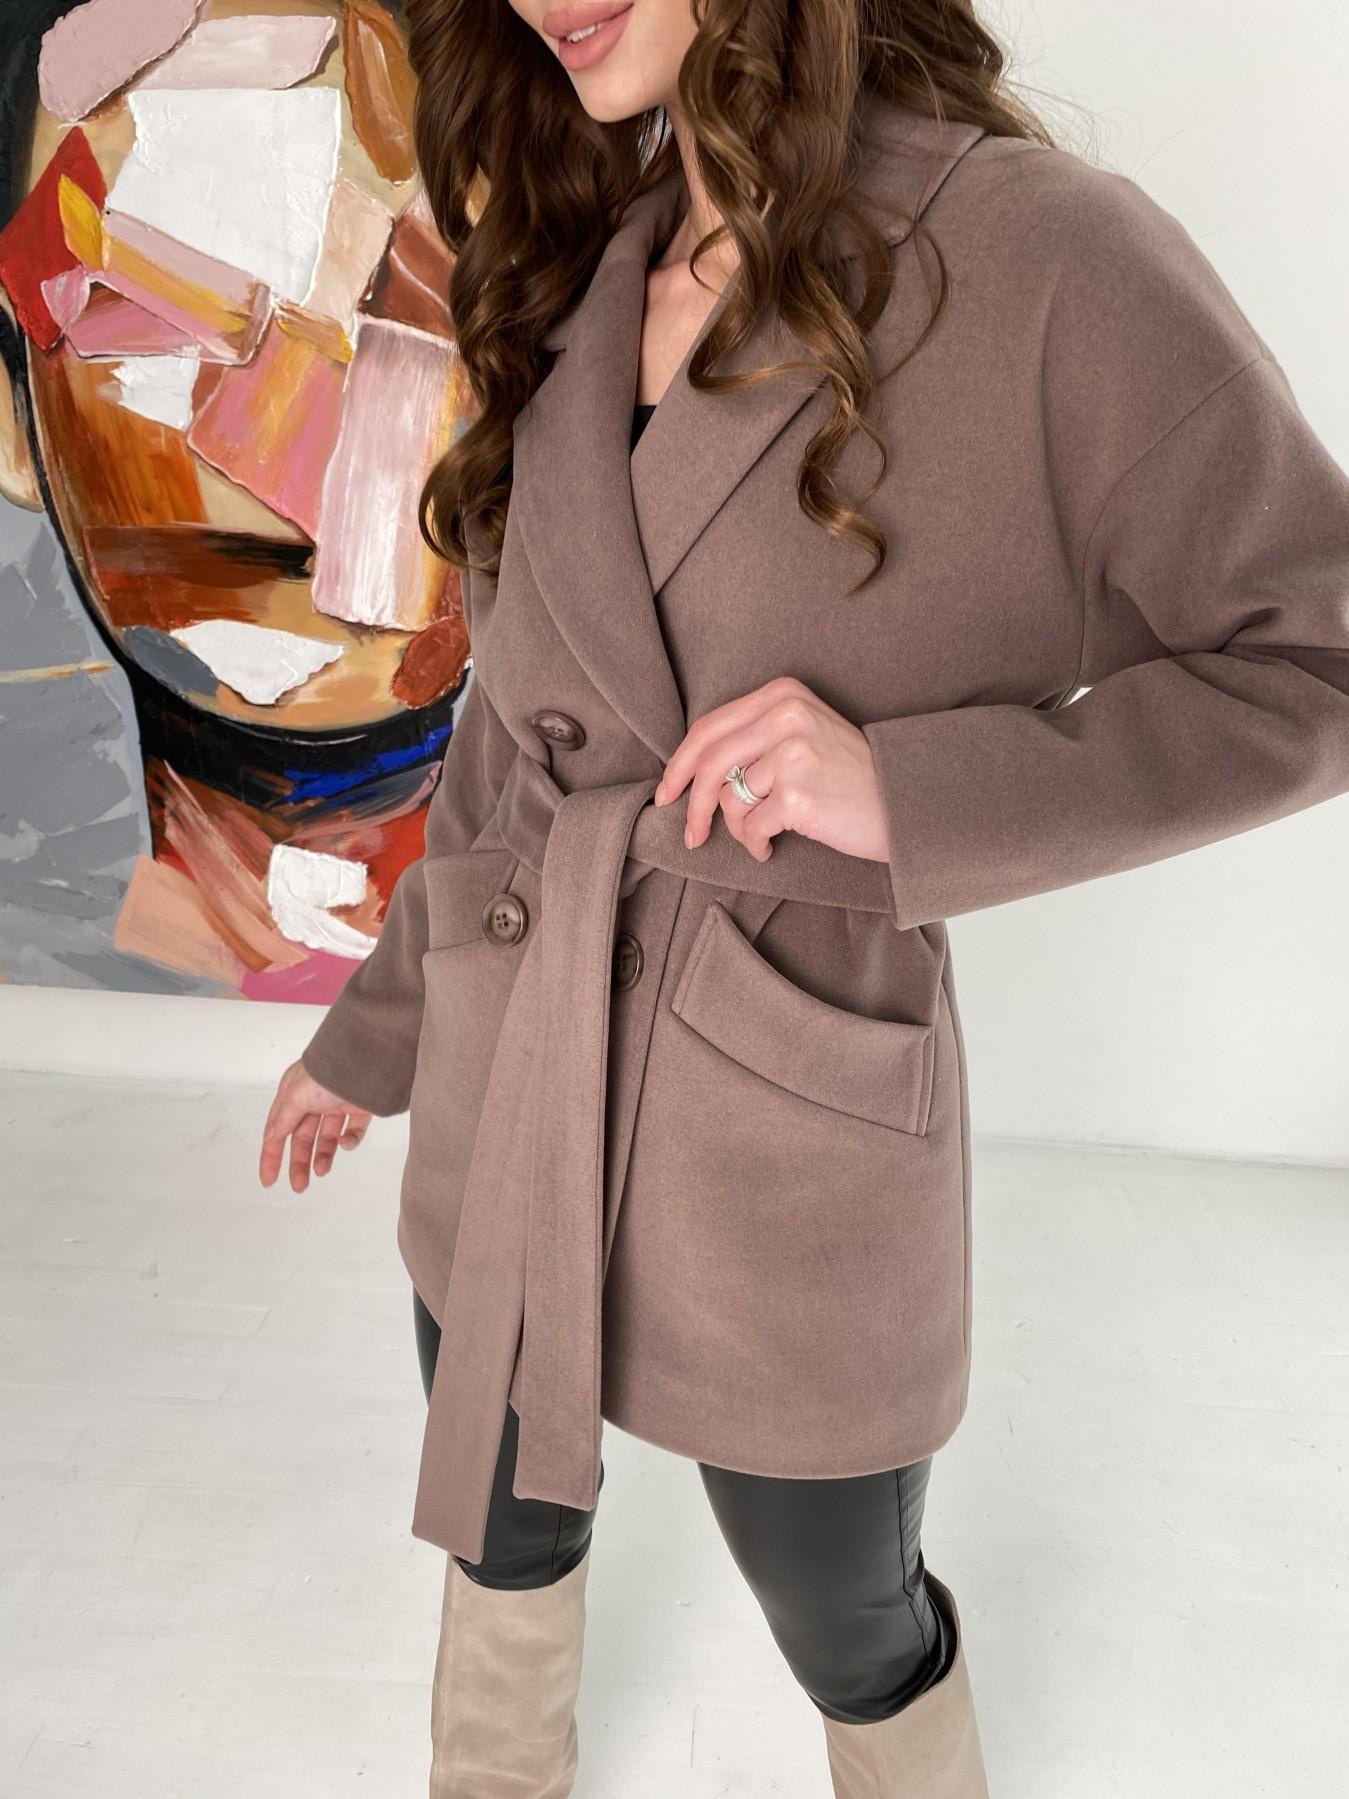 Бонд пальто кашемировое на трикотаже 10642 АРТ. 47009 Цвет: Кофе - фото 9, интернет магазин tm-modus.ru